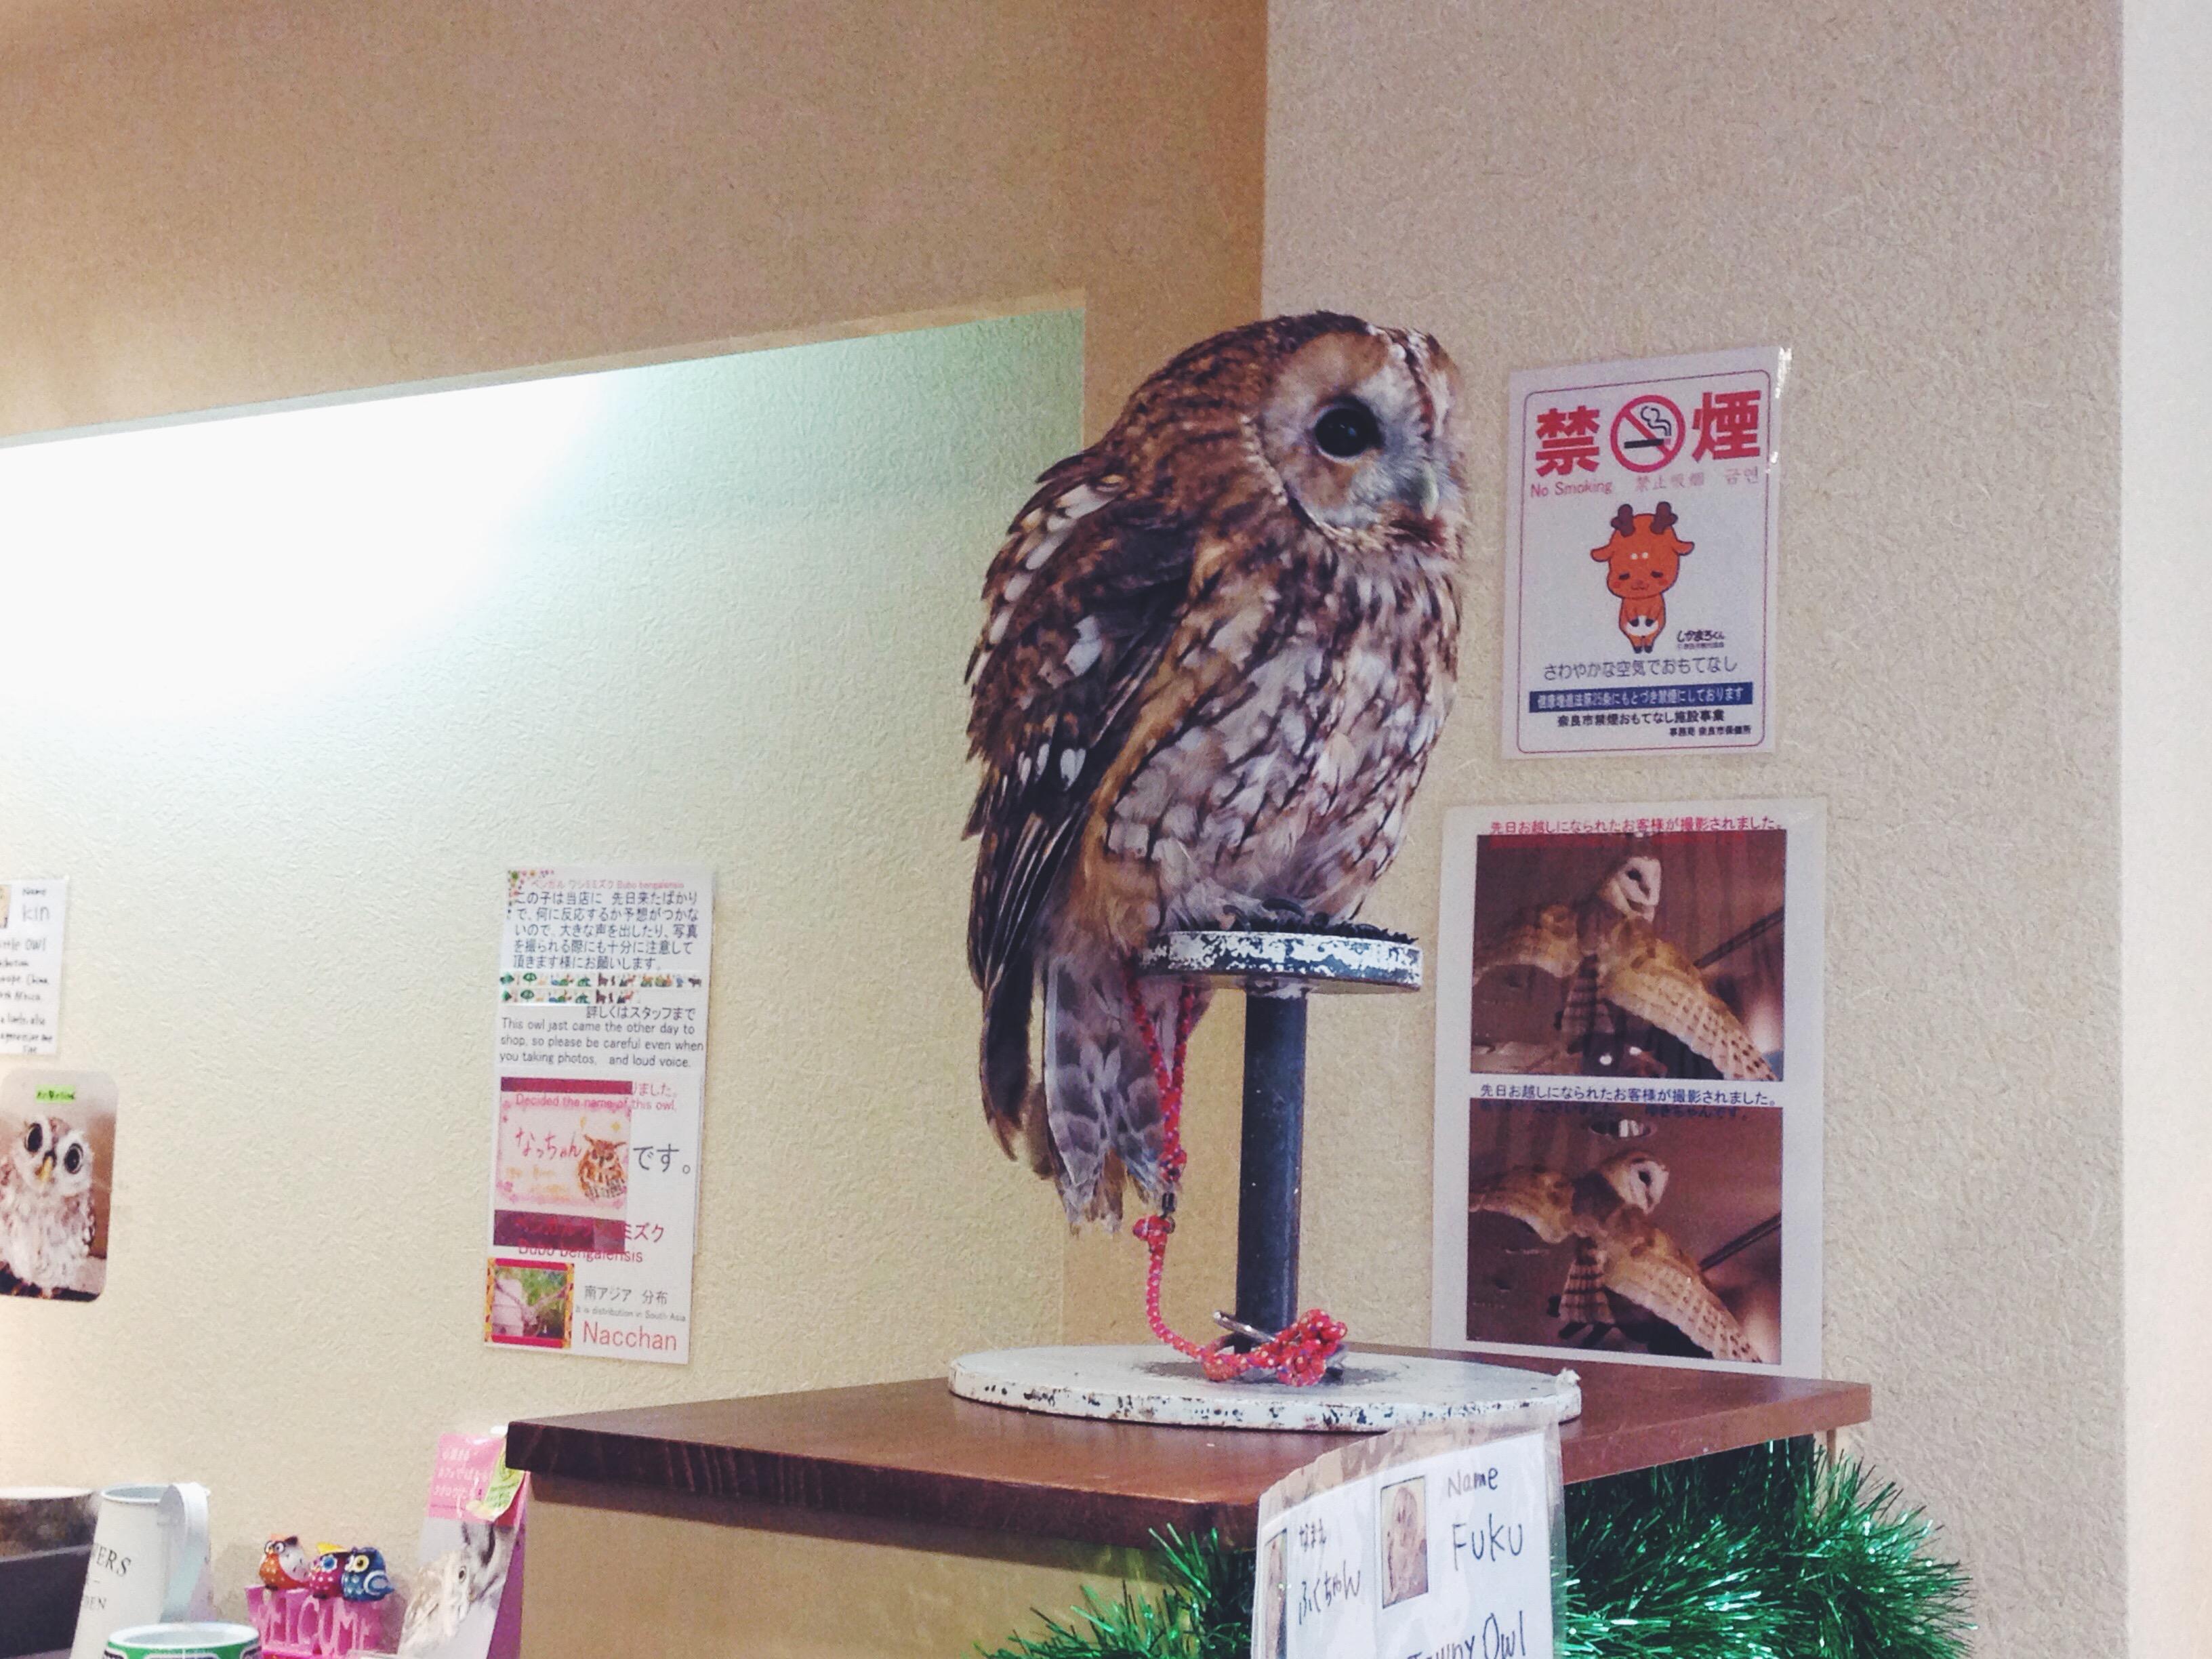 L'owl cafè di Nara